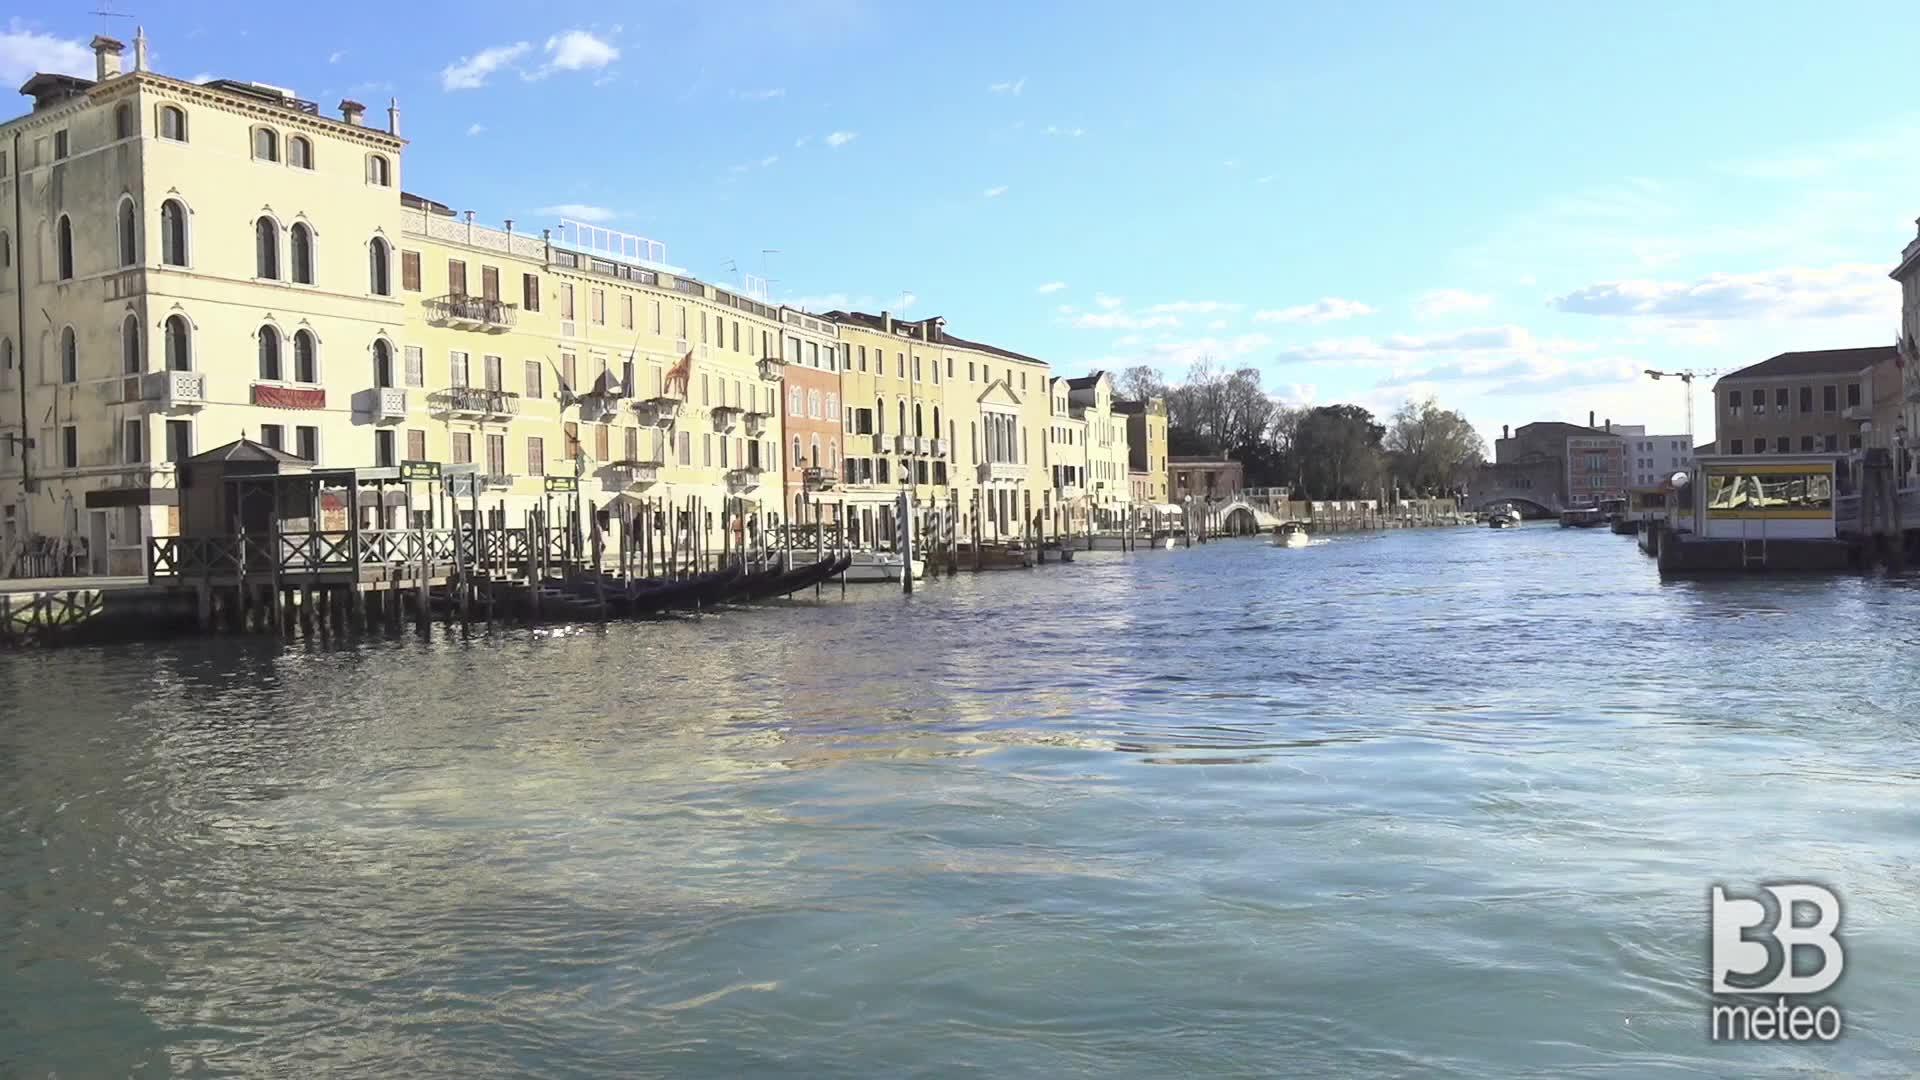 Venezia zona rossa: le immagini dai canali